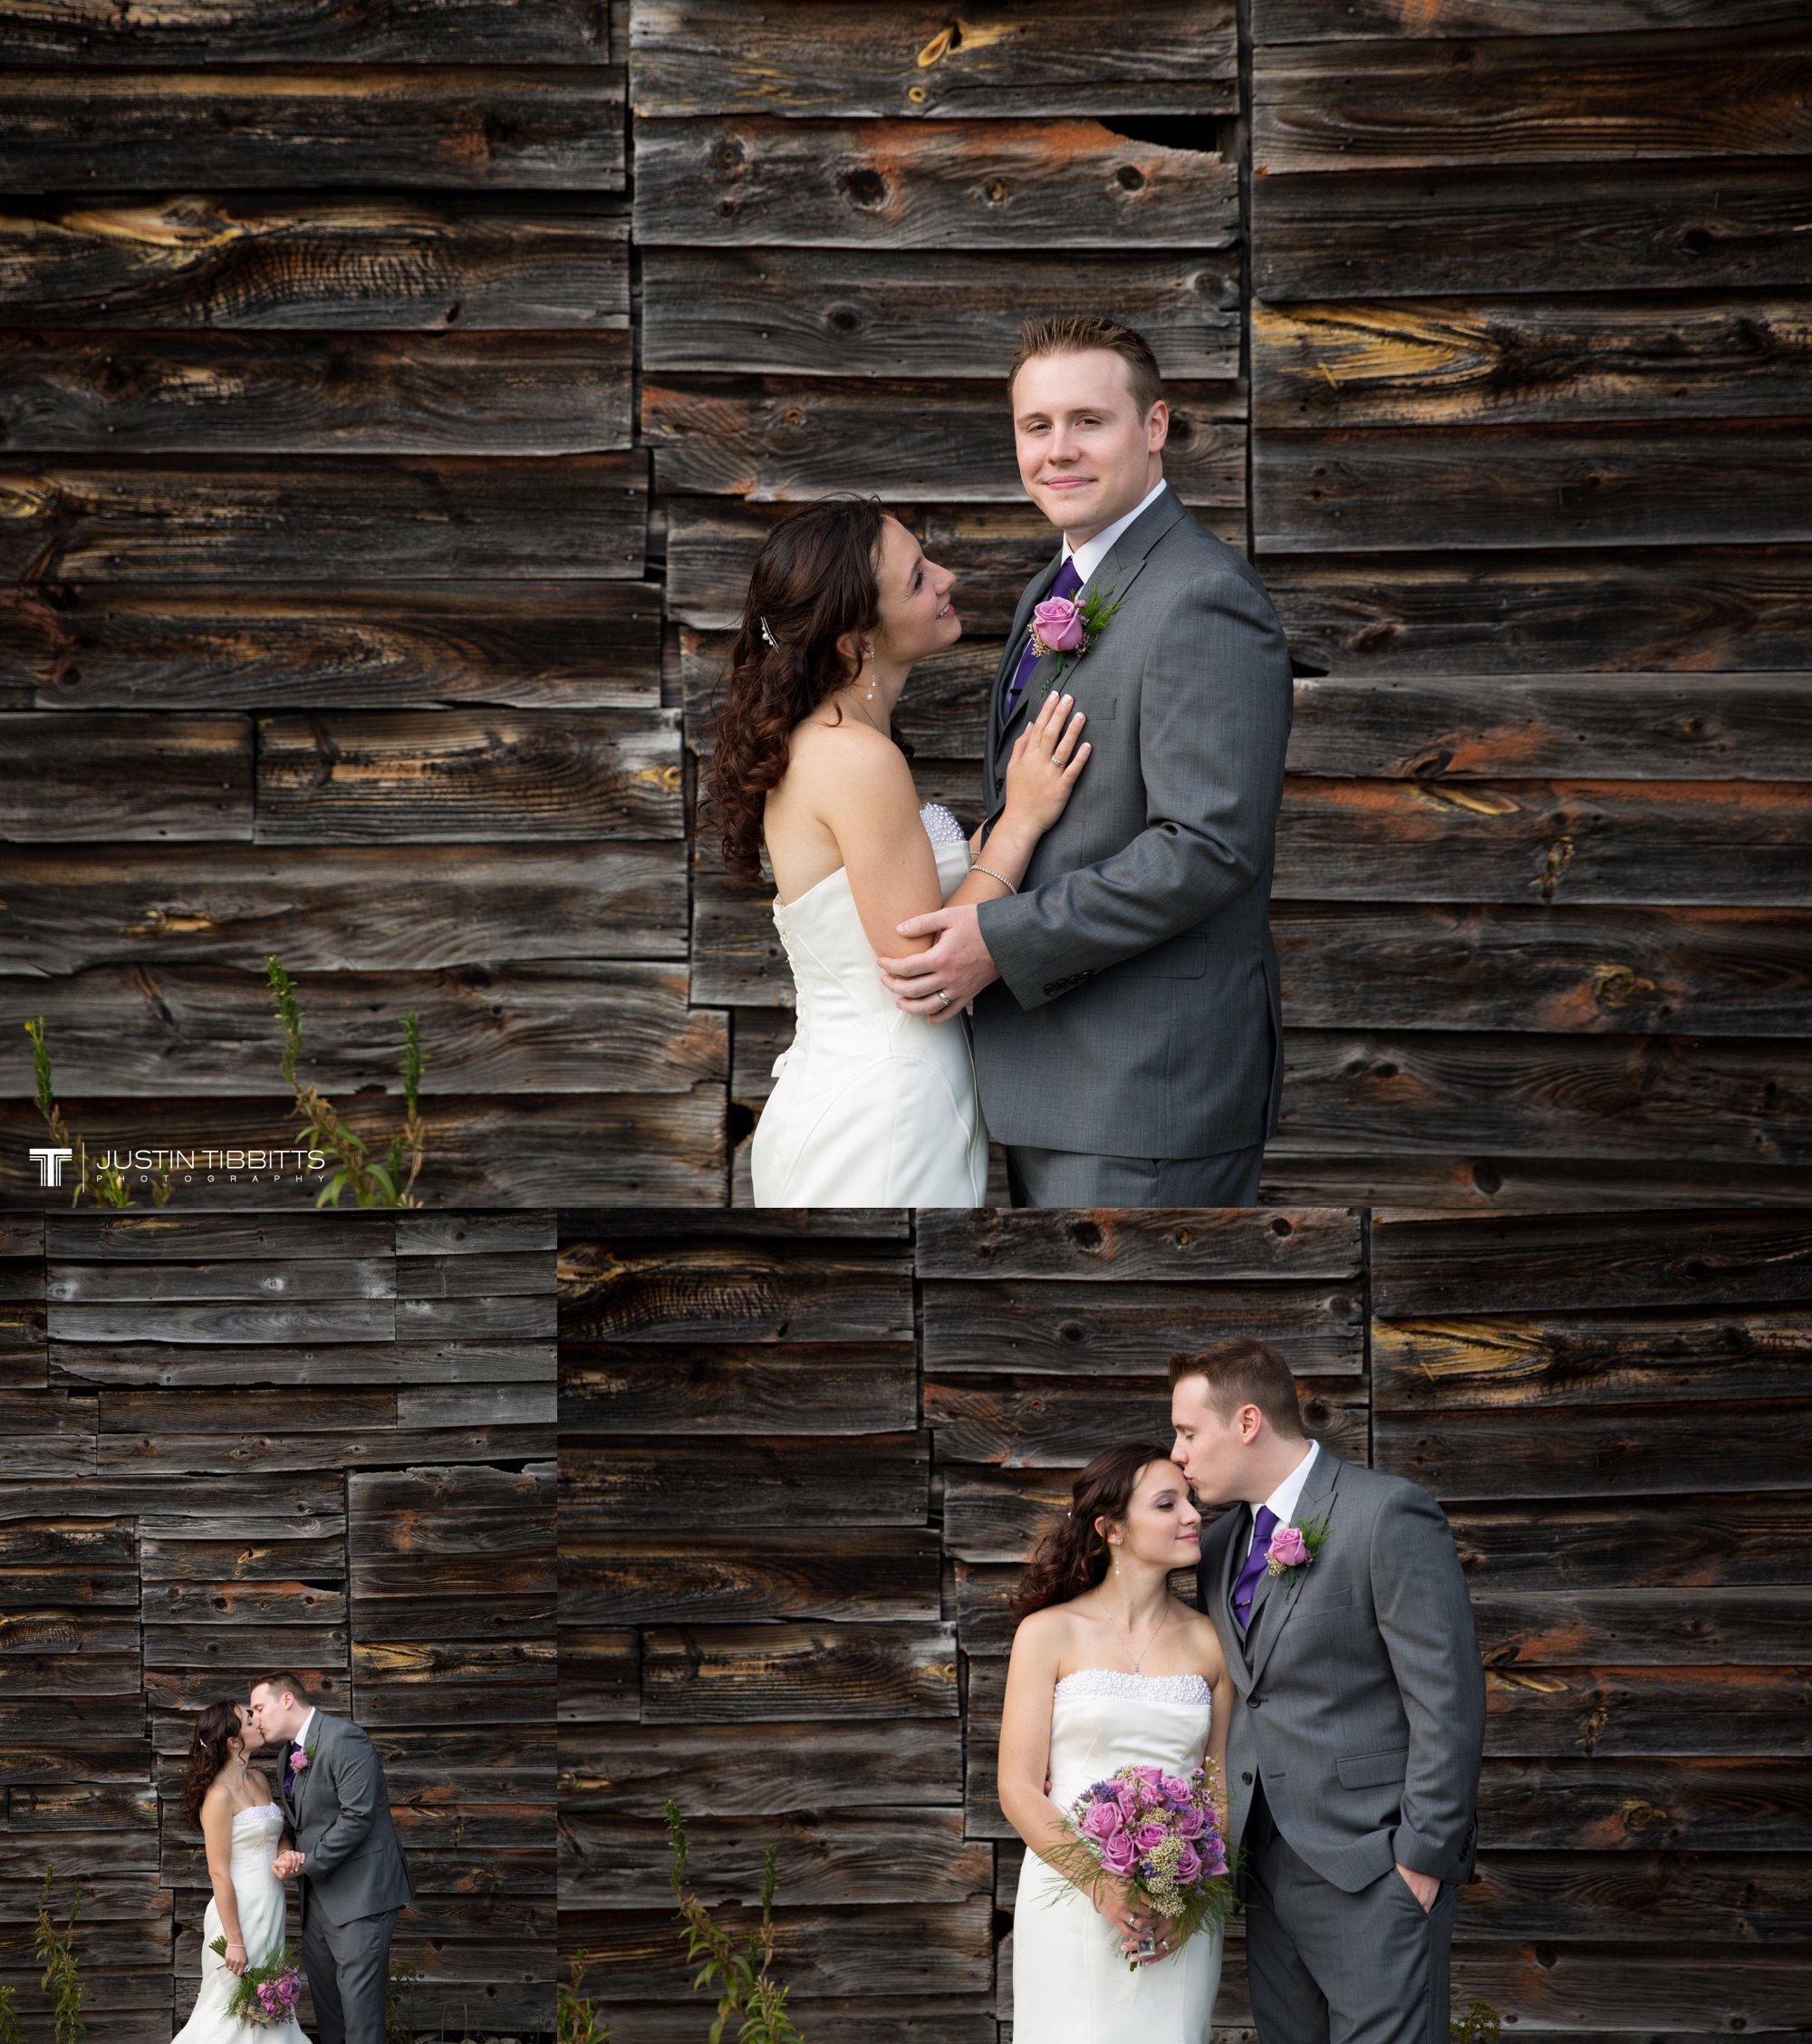 Justin Tibbitts Photography Rob and Brittany's Averill Park, NY Wedding_0404